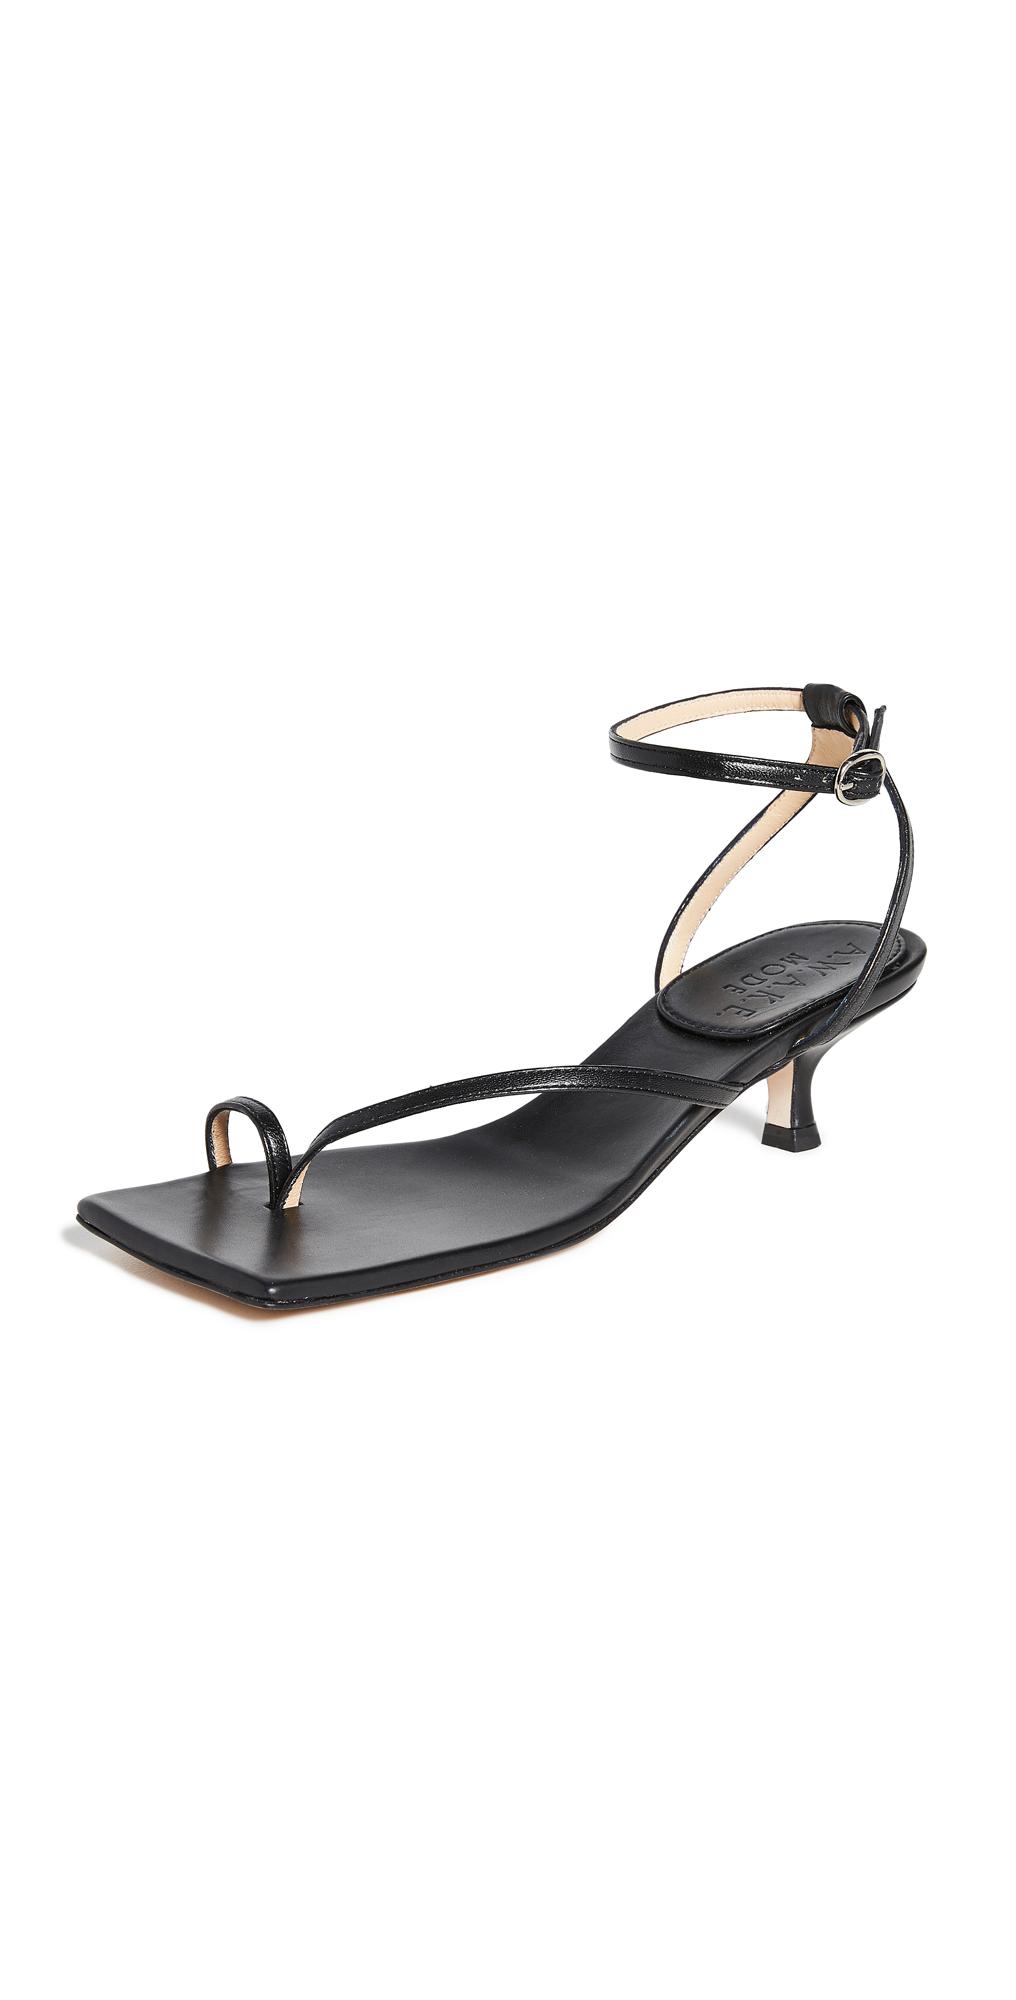 A.W.A.K.E MODE Delta Low 35mm Sandals